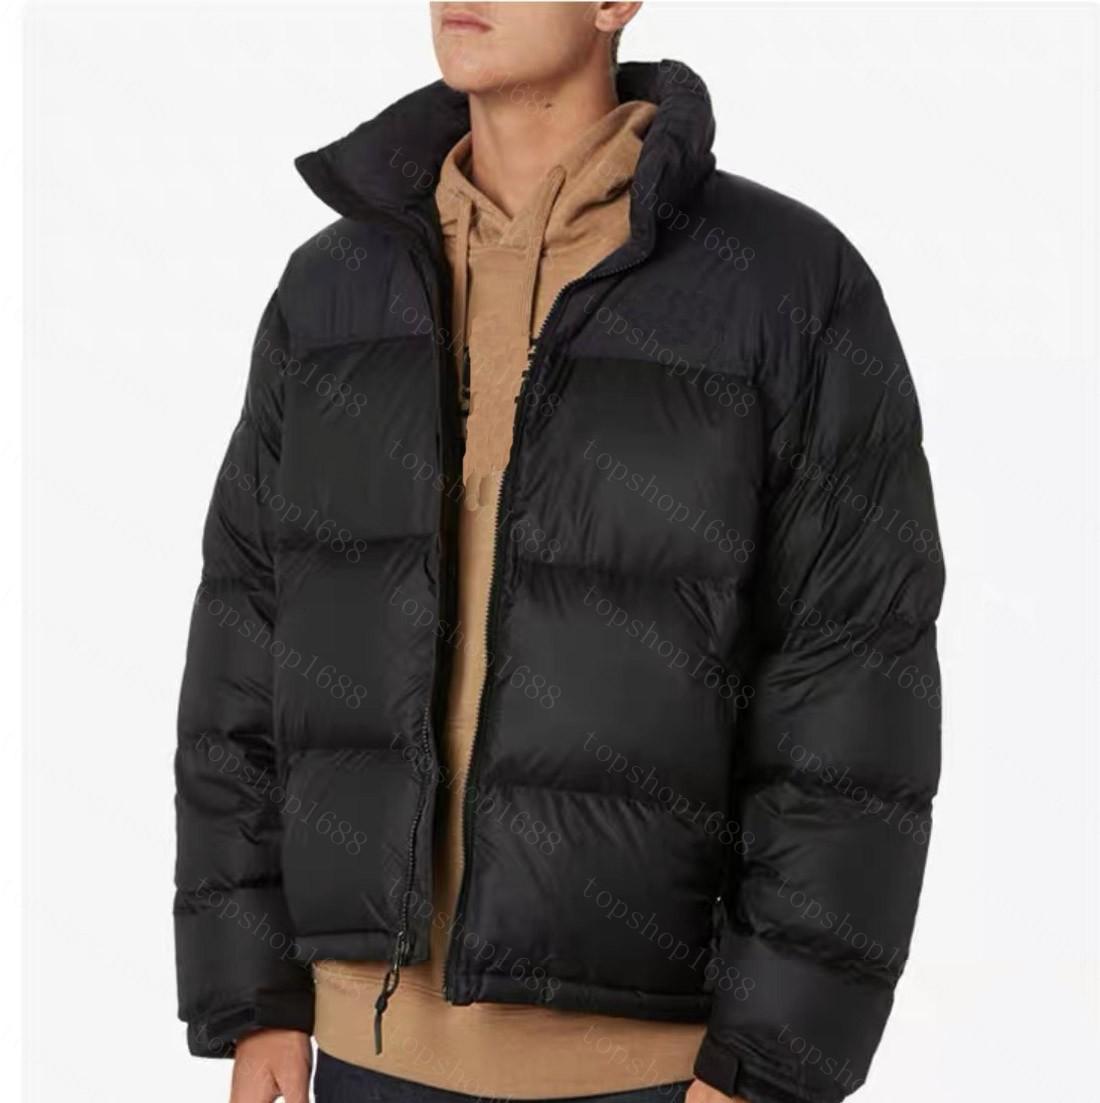 2021 mens moda estilista casaco carta impressão parka jaqueta de inverno homens mulheres adjocação de penas para baixo jaquetas tamanho m-xxl